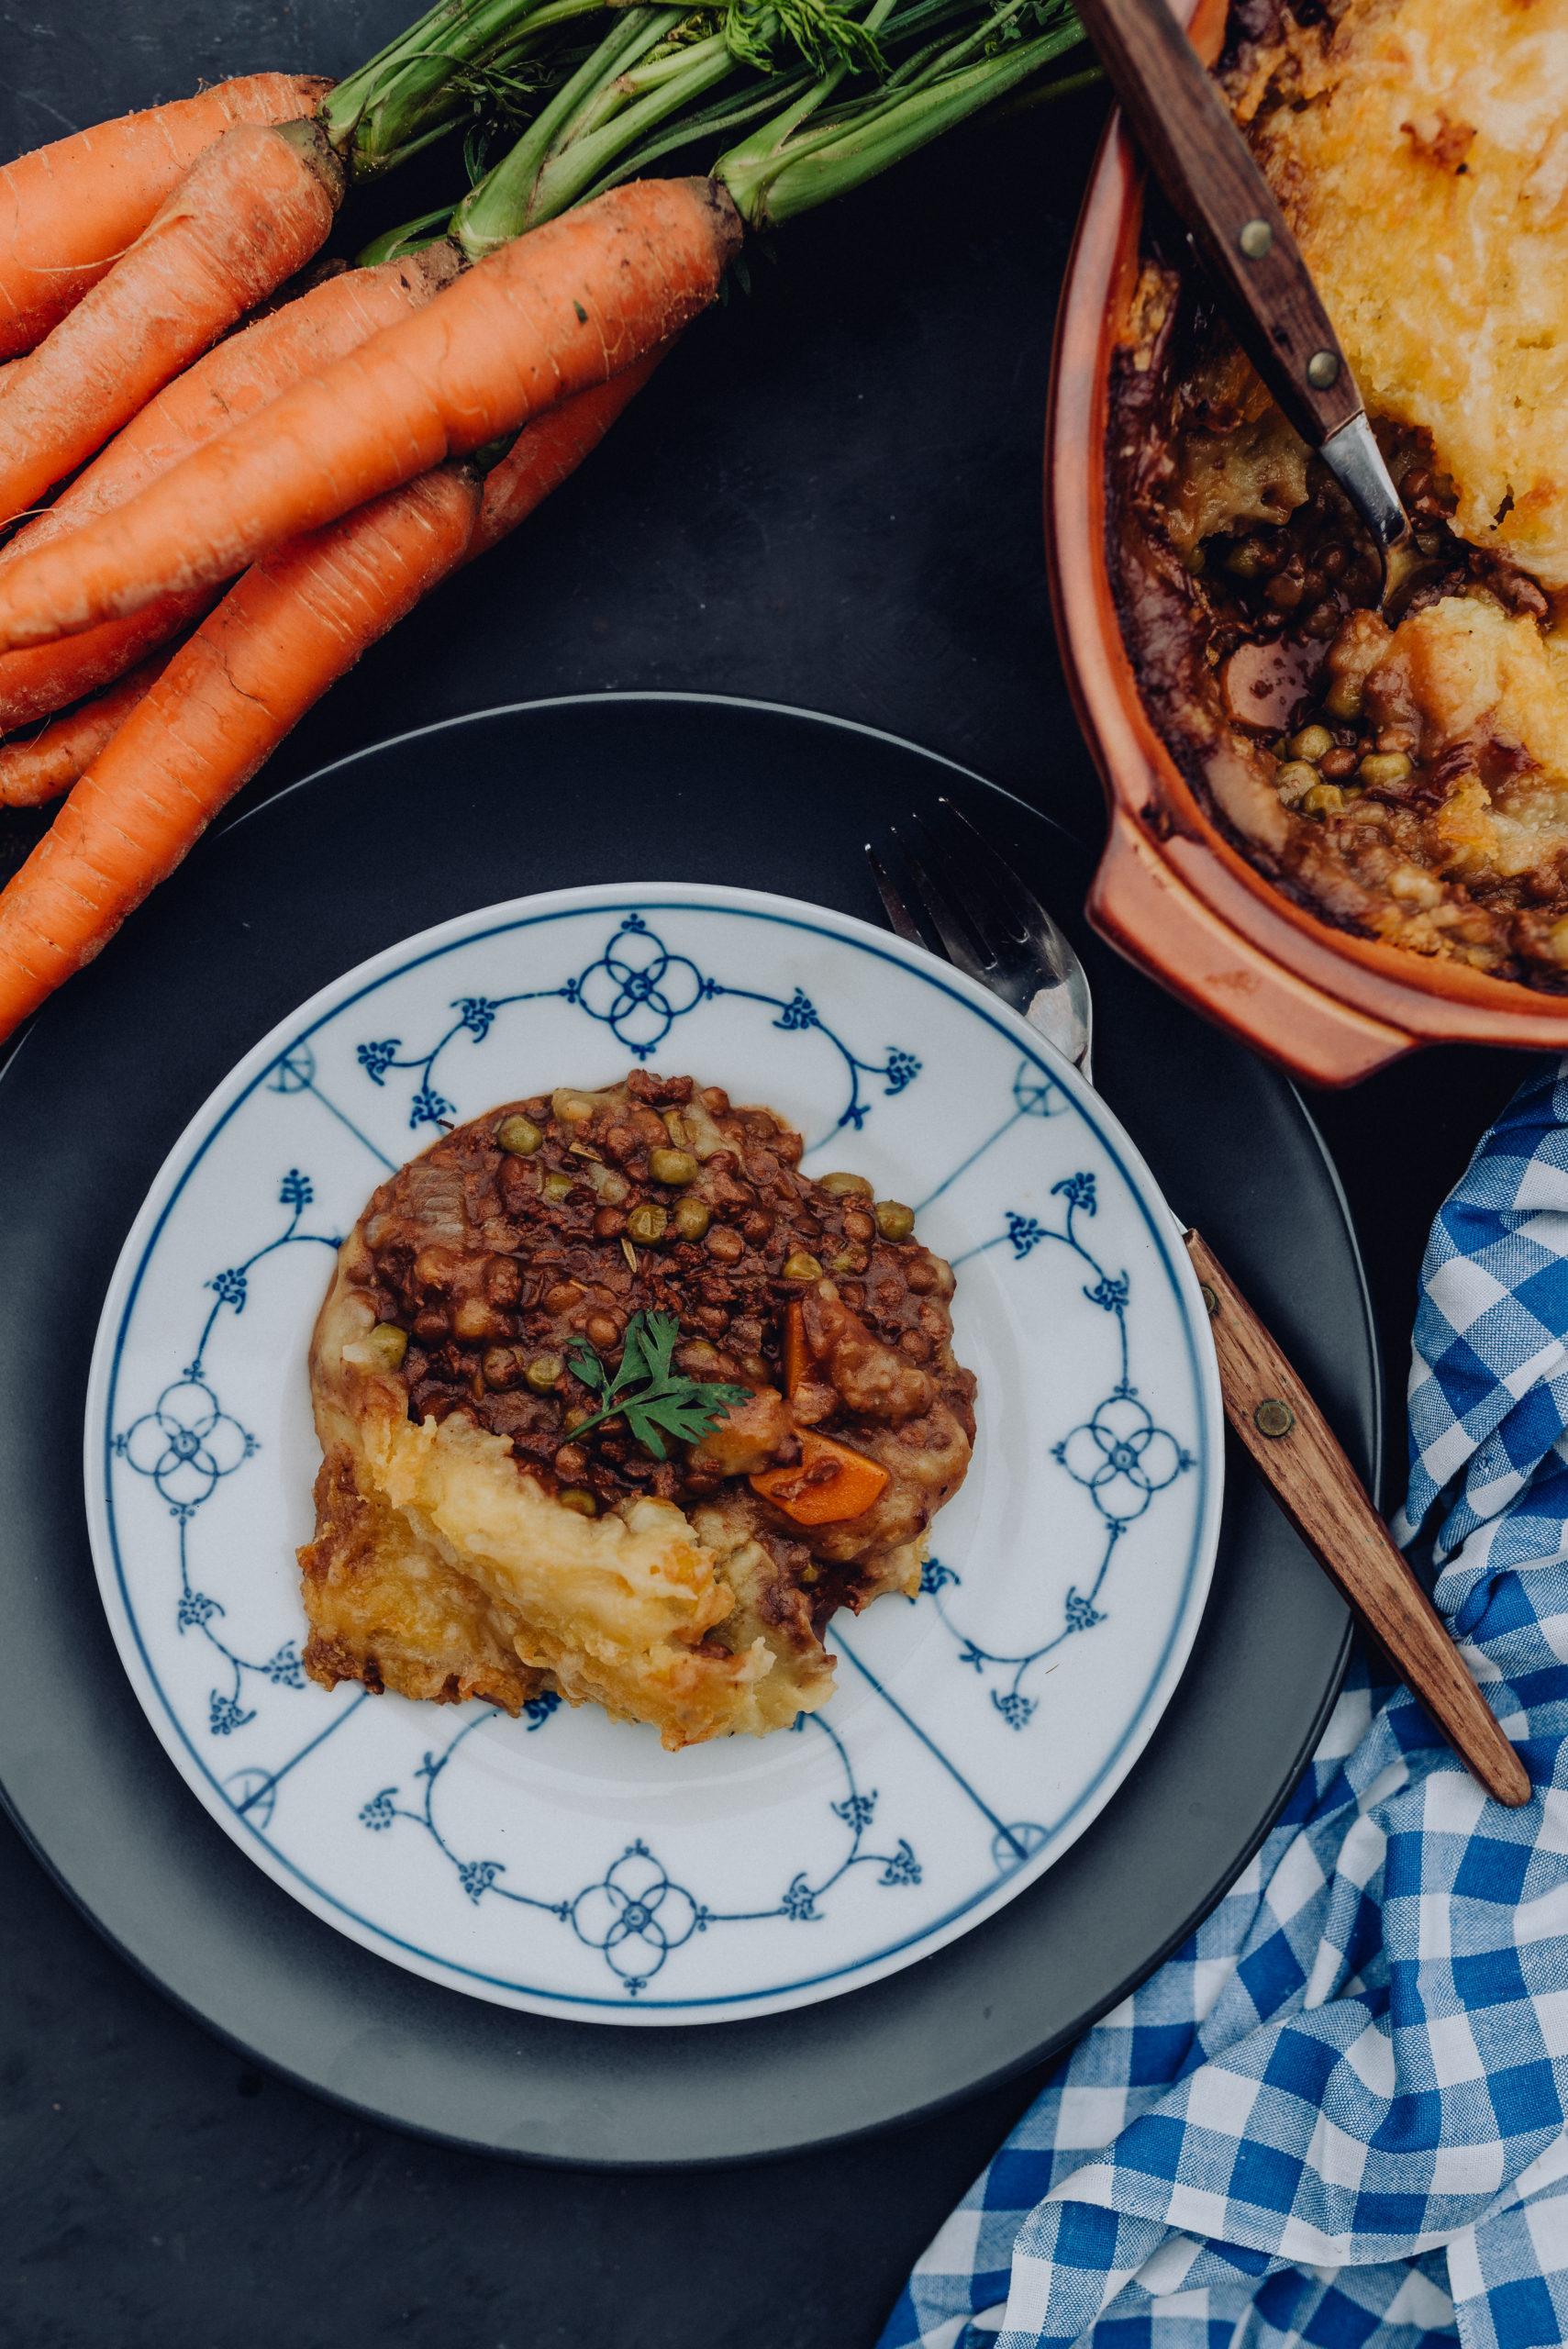 simone-fuerst-fotografie-food-vegan-shepardspie